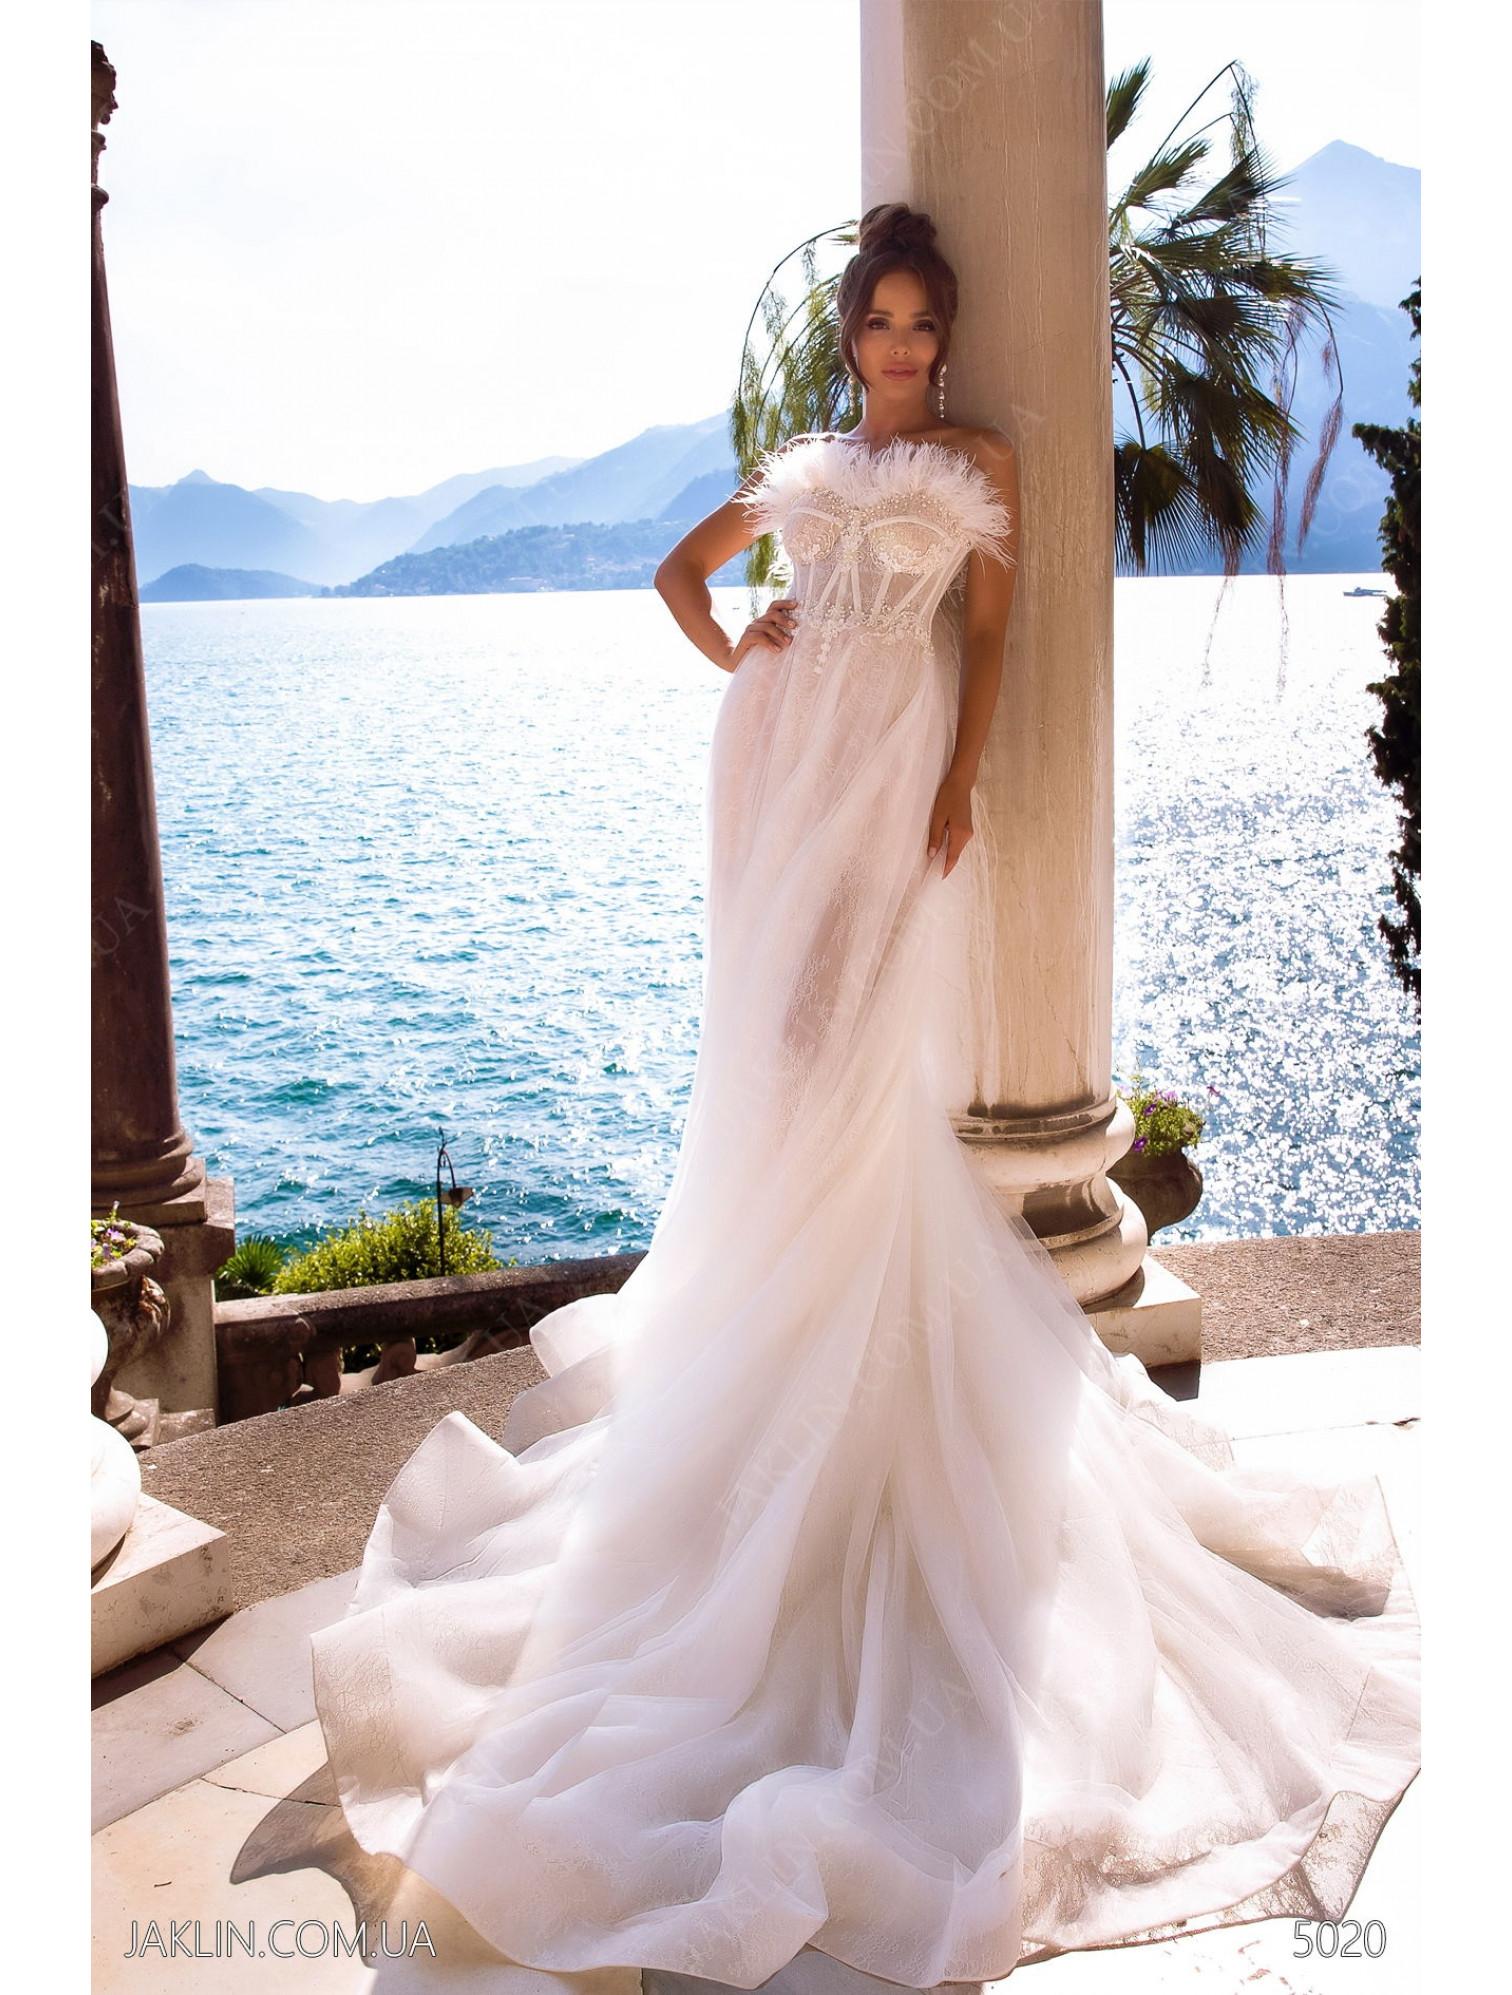 Весільна сукня 5020